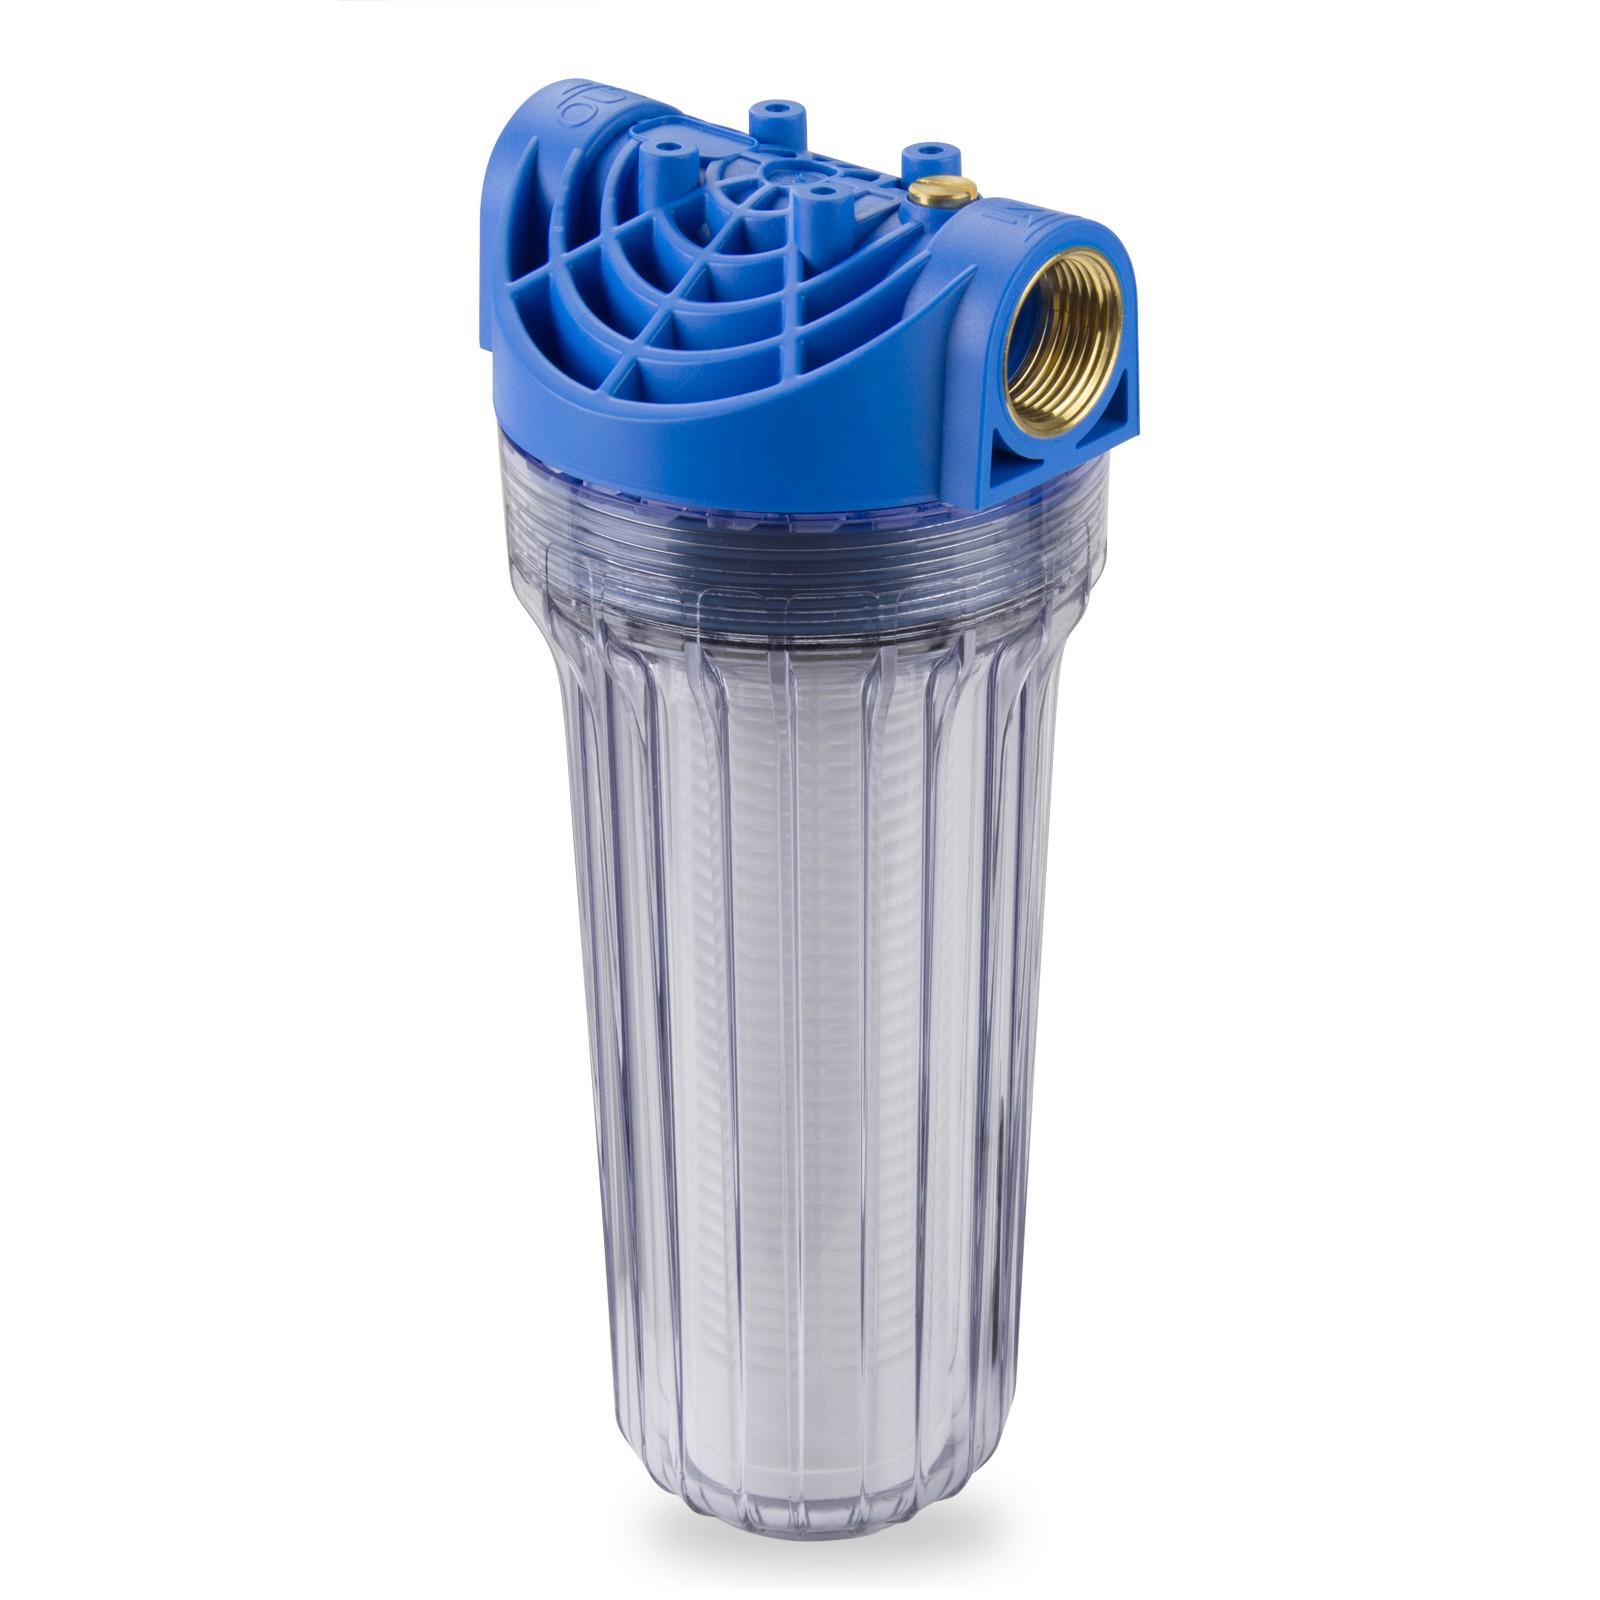 wasserfilter dn25 1 33mm vorfilter pumpenfilter hauswasserstation ebay